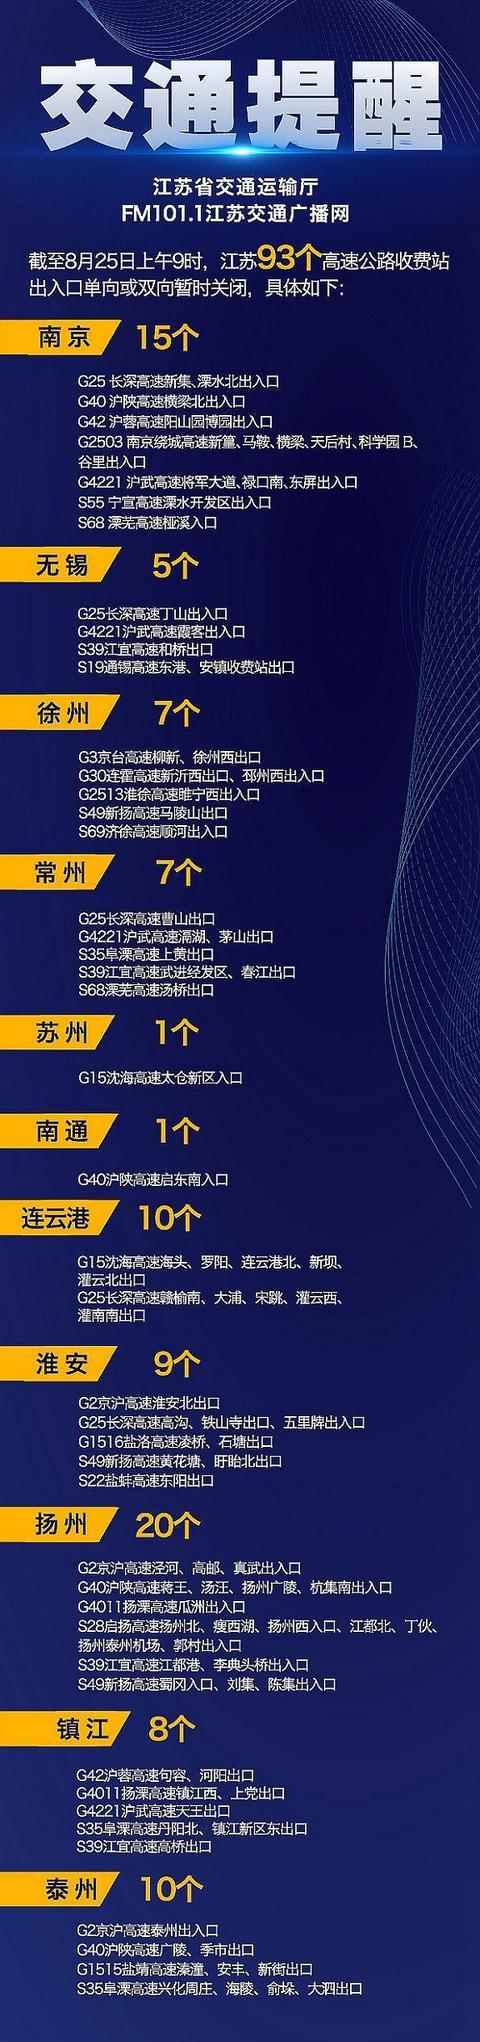 25日江苏93个高速公路收费站出入口和34条普通国省道单向或双向暂时关闭 全球新闻风头榜 第1张